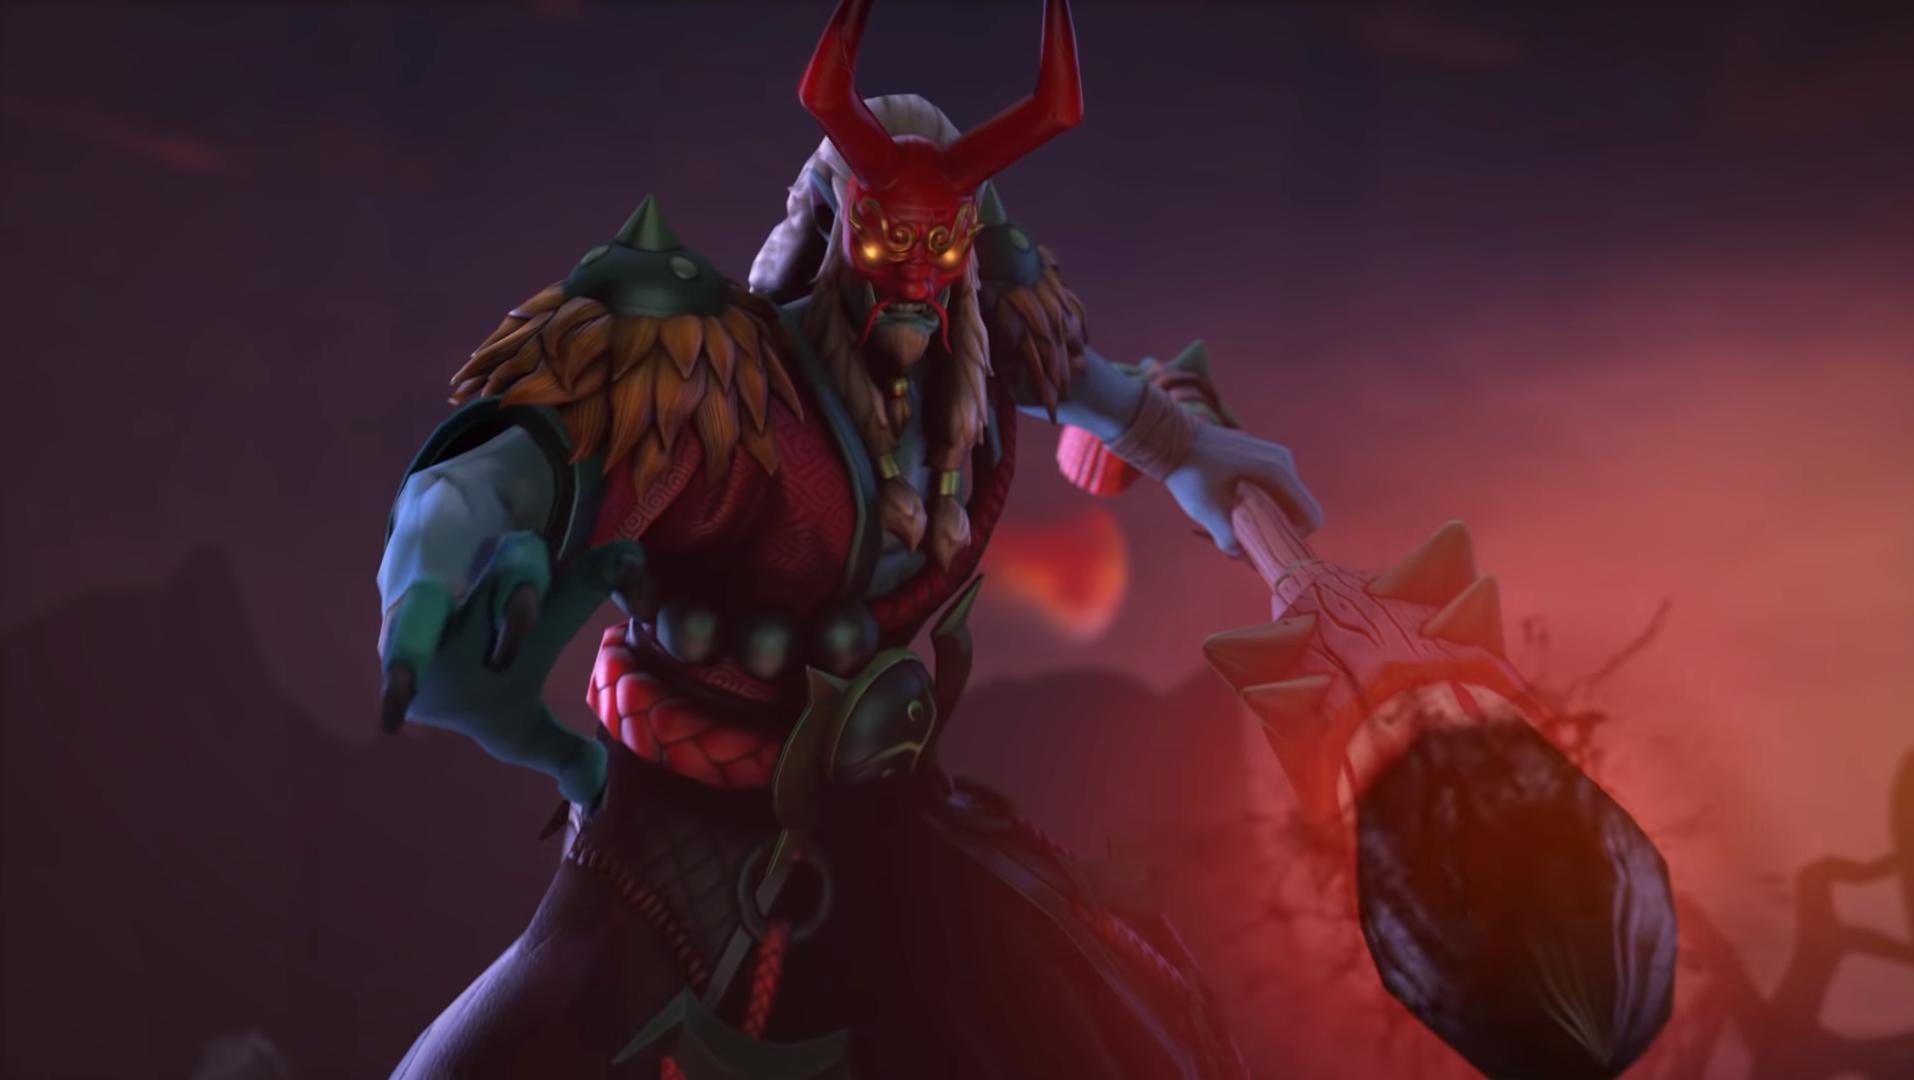 Дота 2 новый герой:  Grimstroke